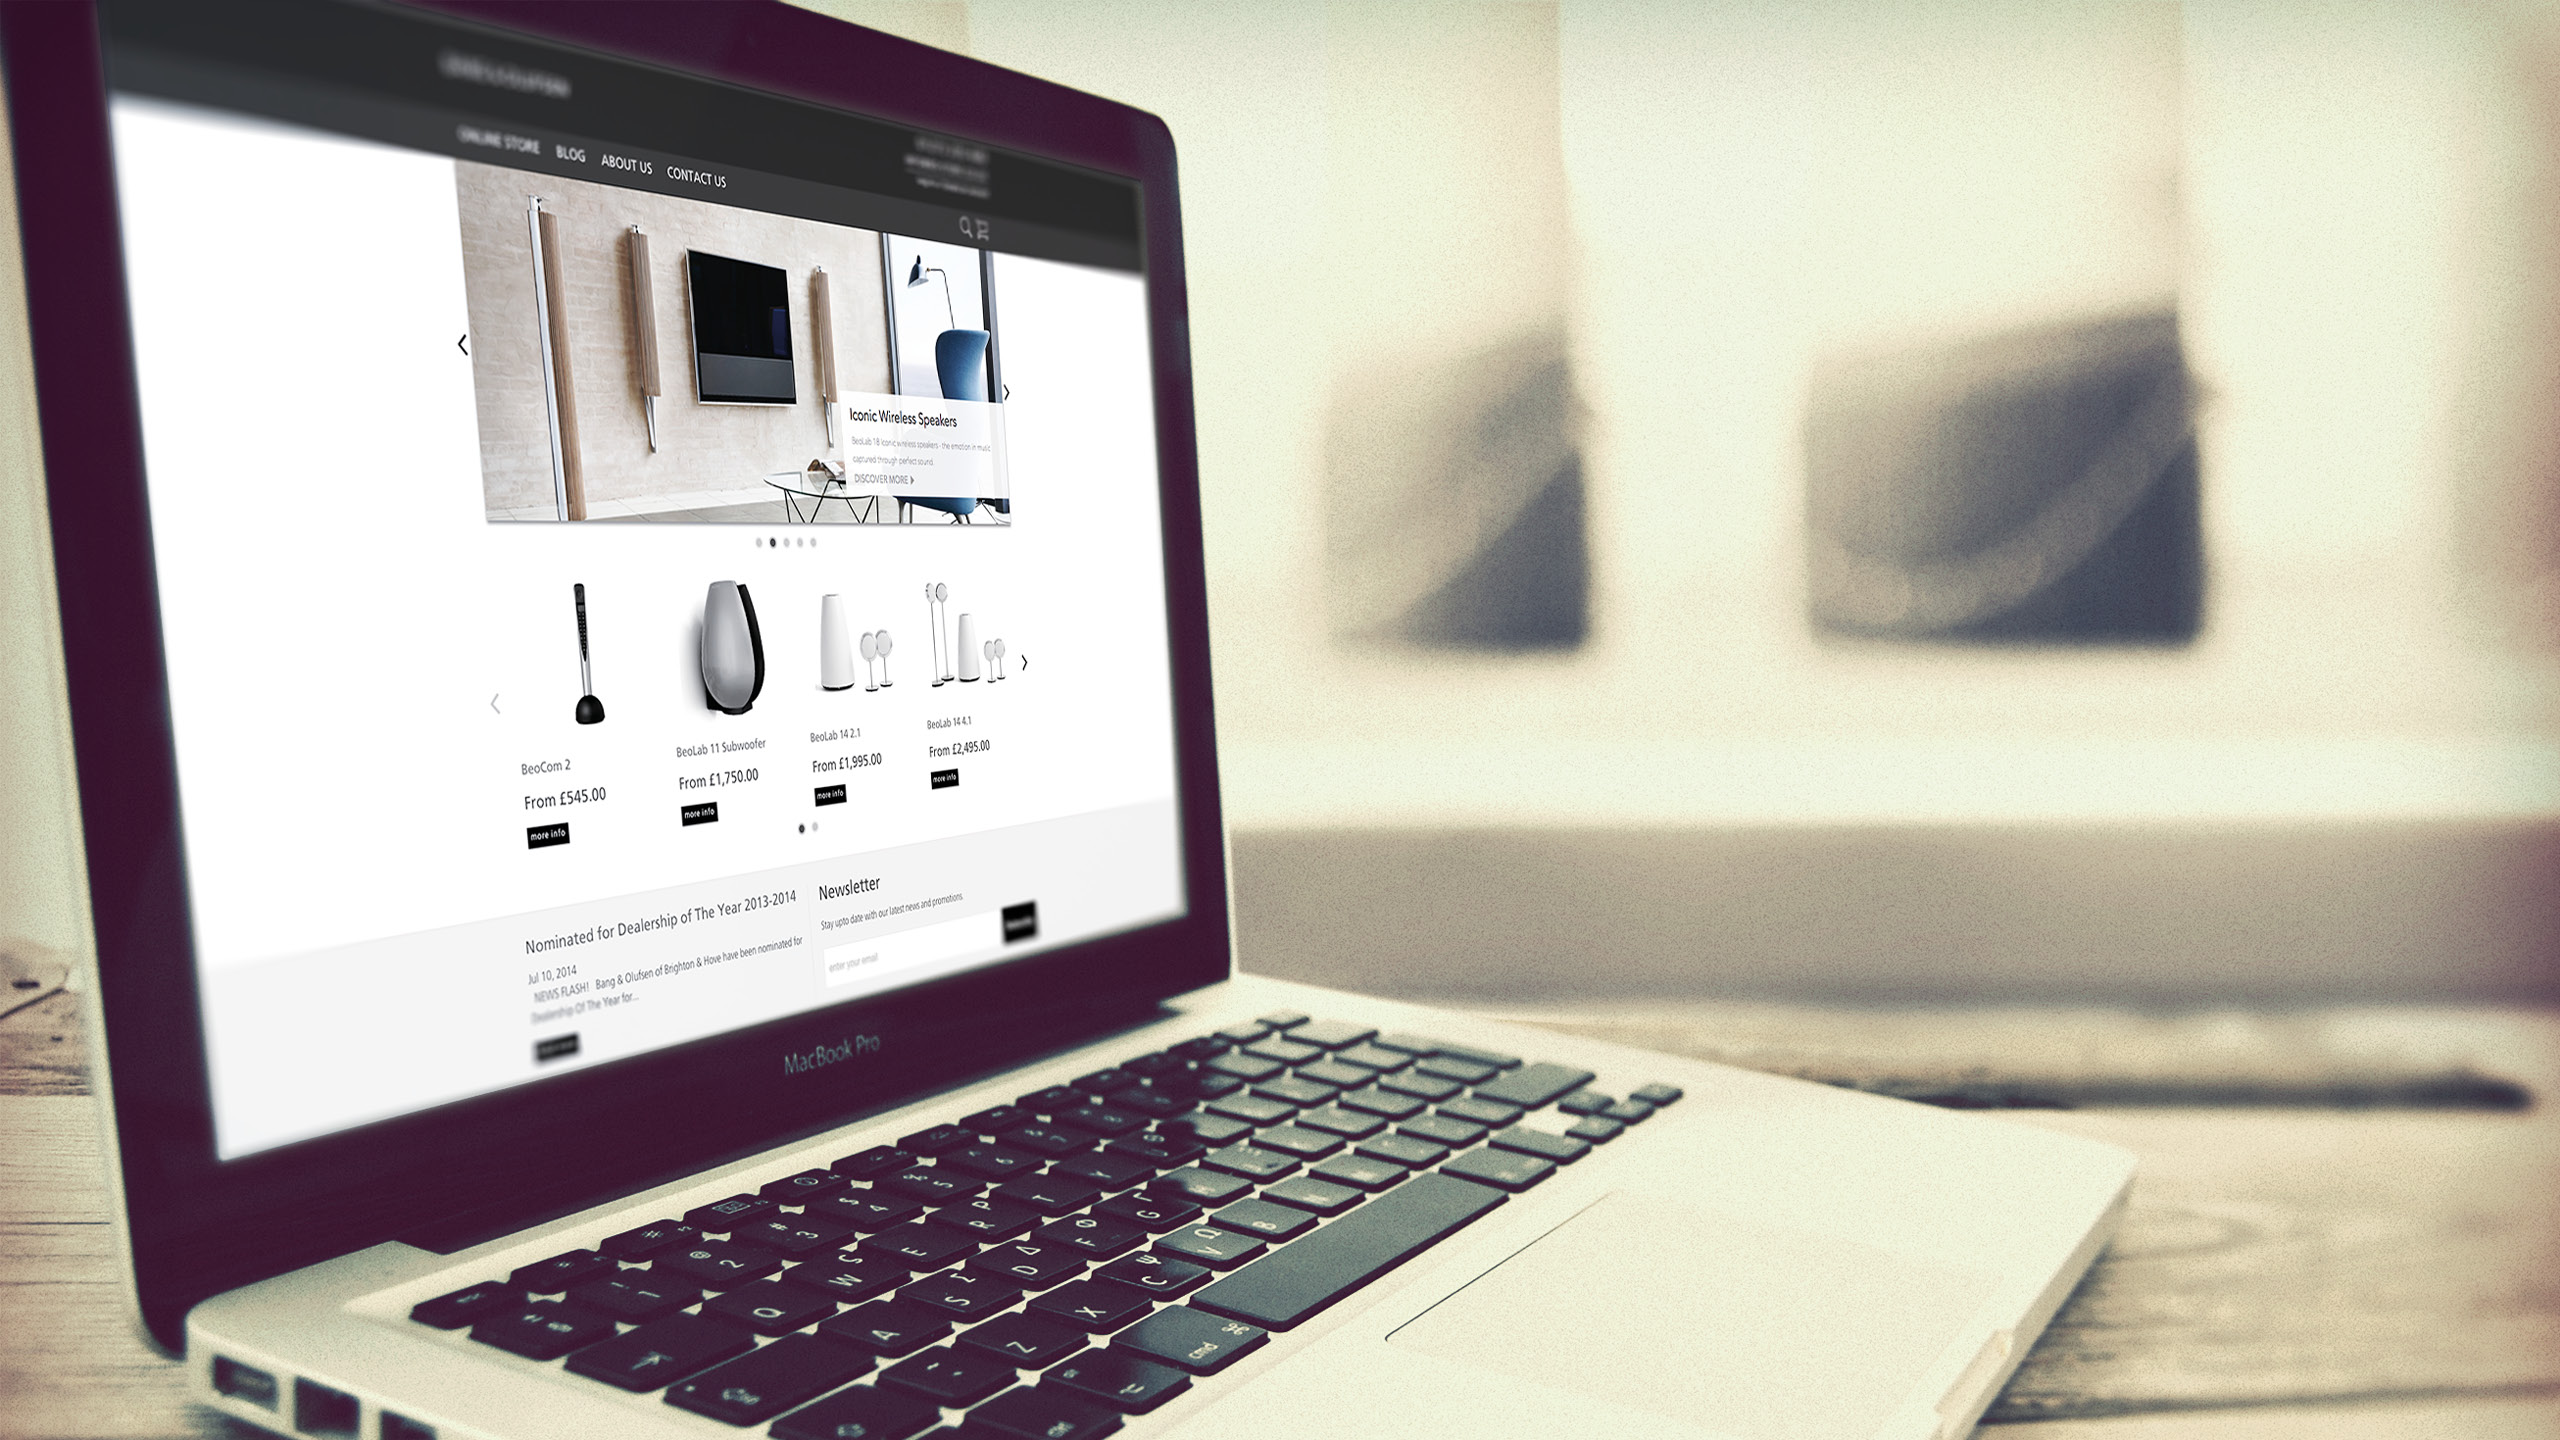 Bang Olufsen Webs Design